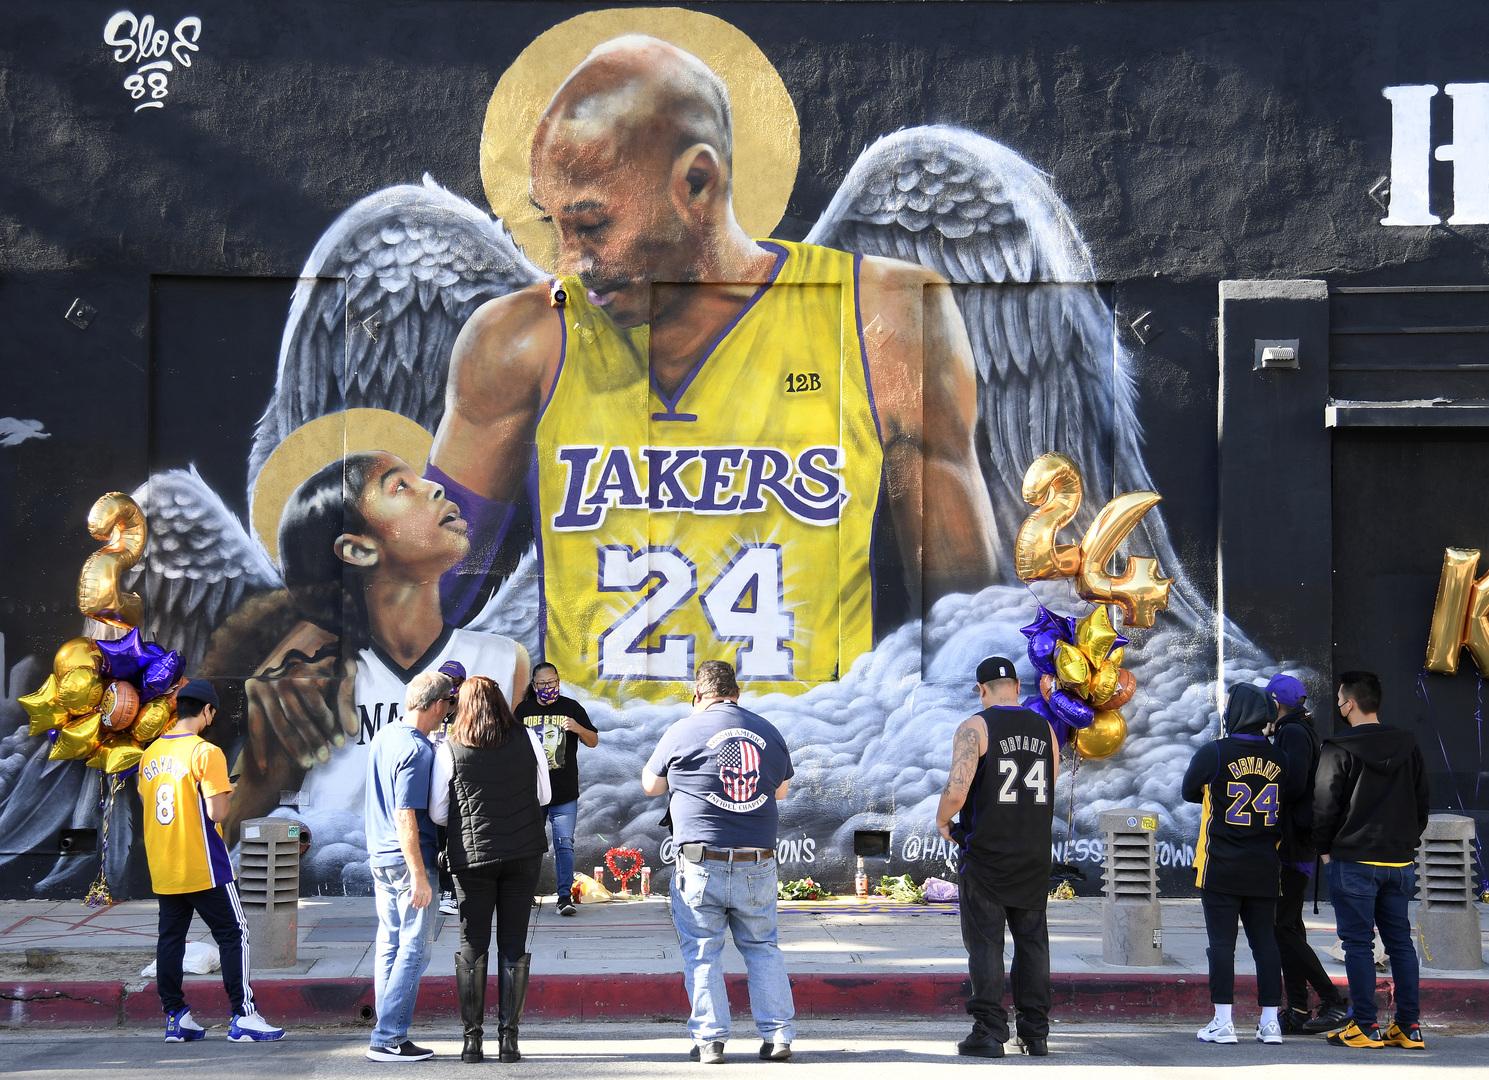 بعد مرور عام..  جمهور لوس أنجلوس يتذكر أسطورة كرة السلة الراحل